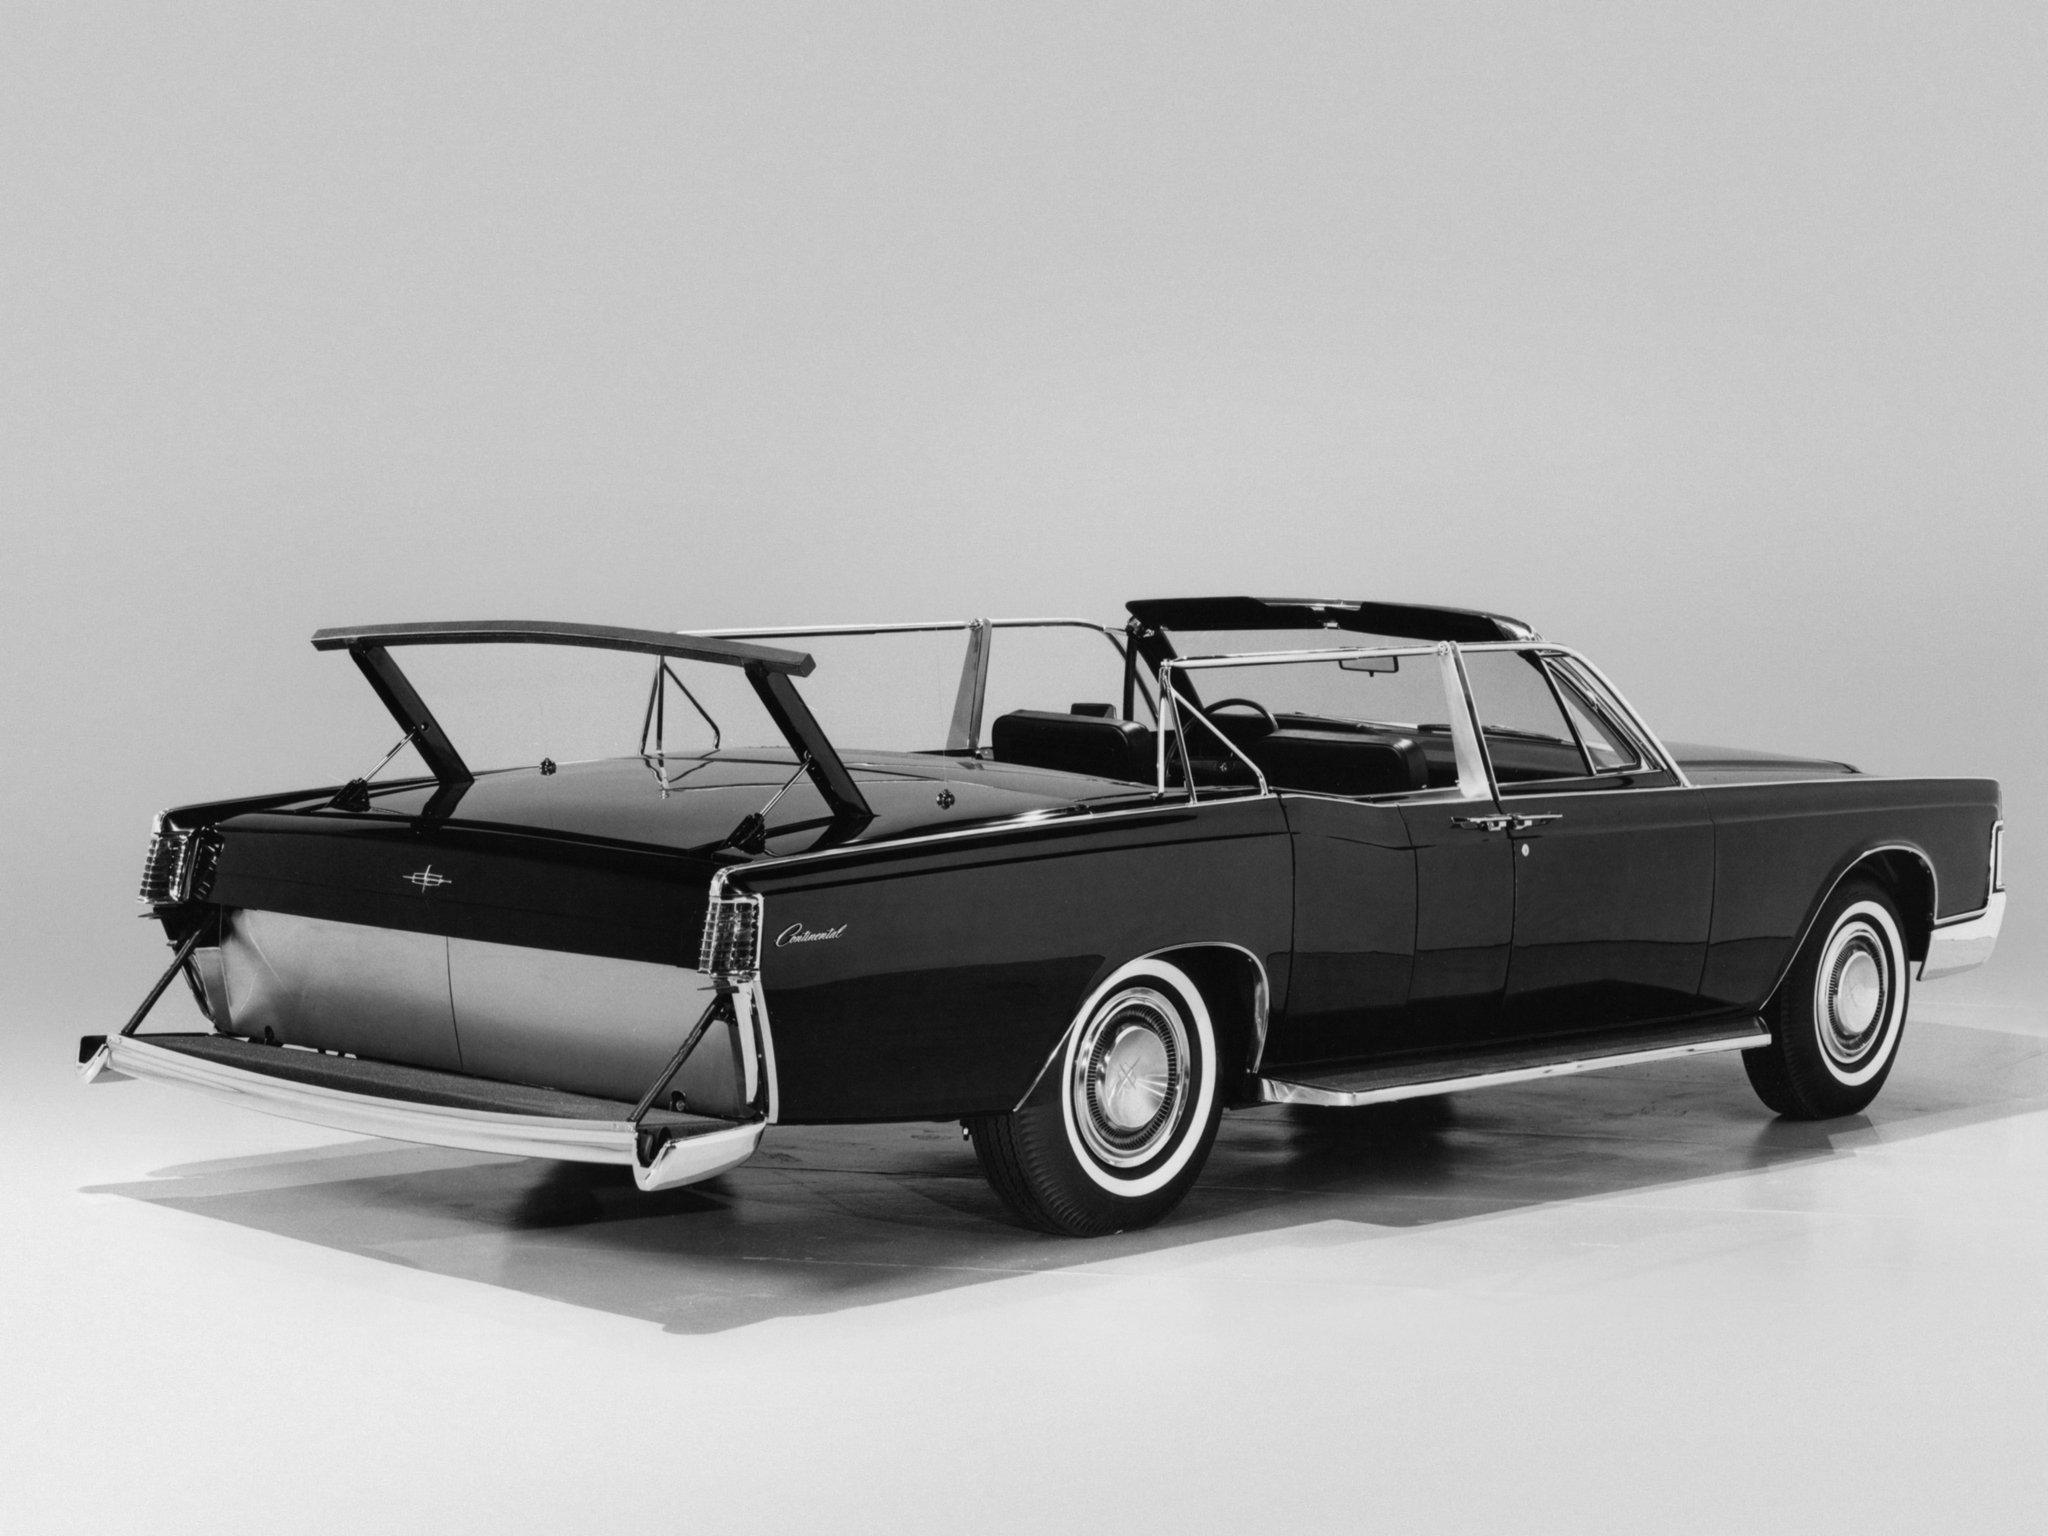 1968 Lincoln Continental Secret Service Convertible